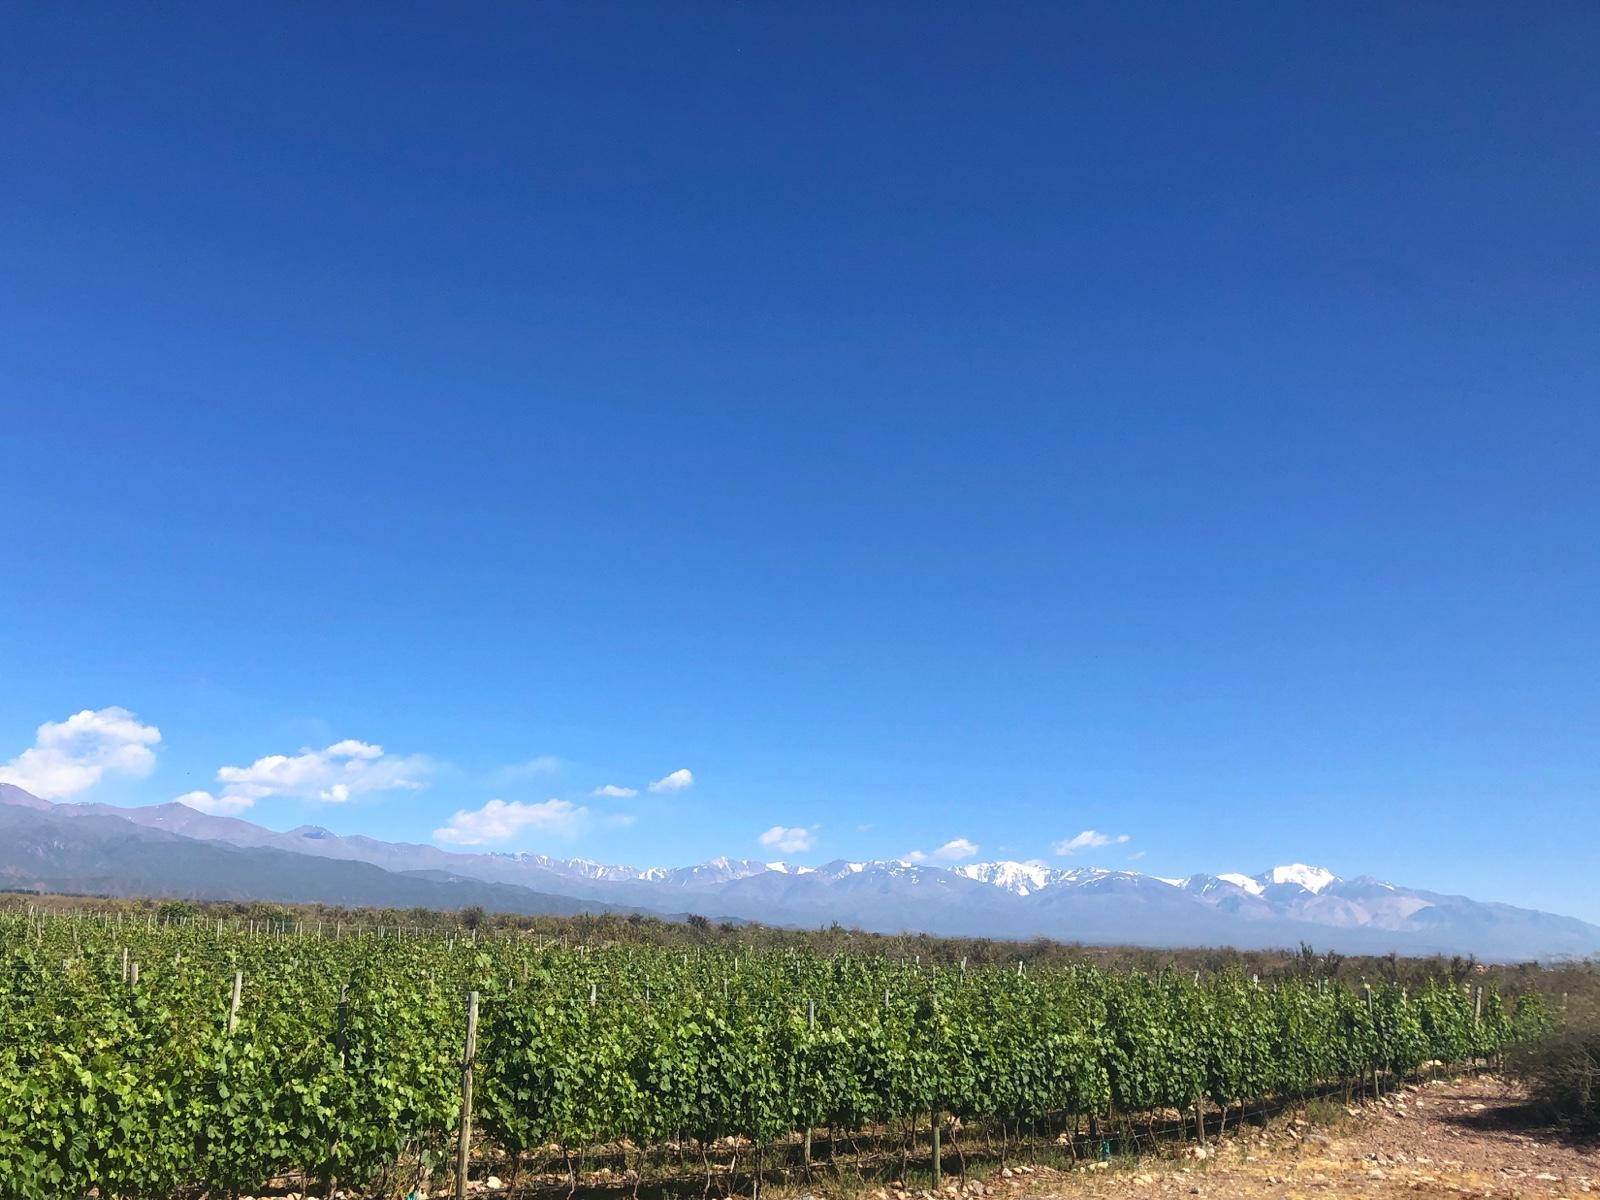 Blick vom ersten Weingut in Richtung Anden